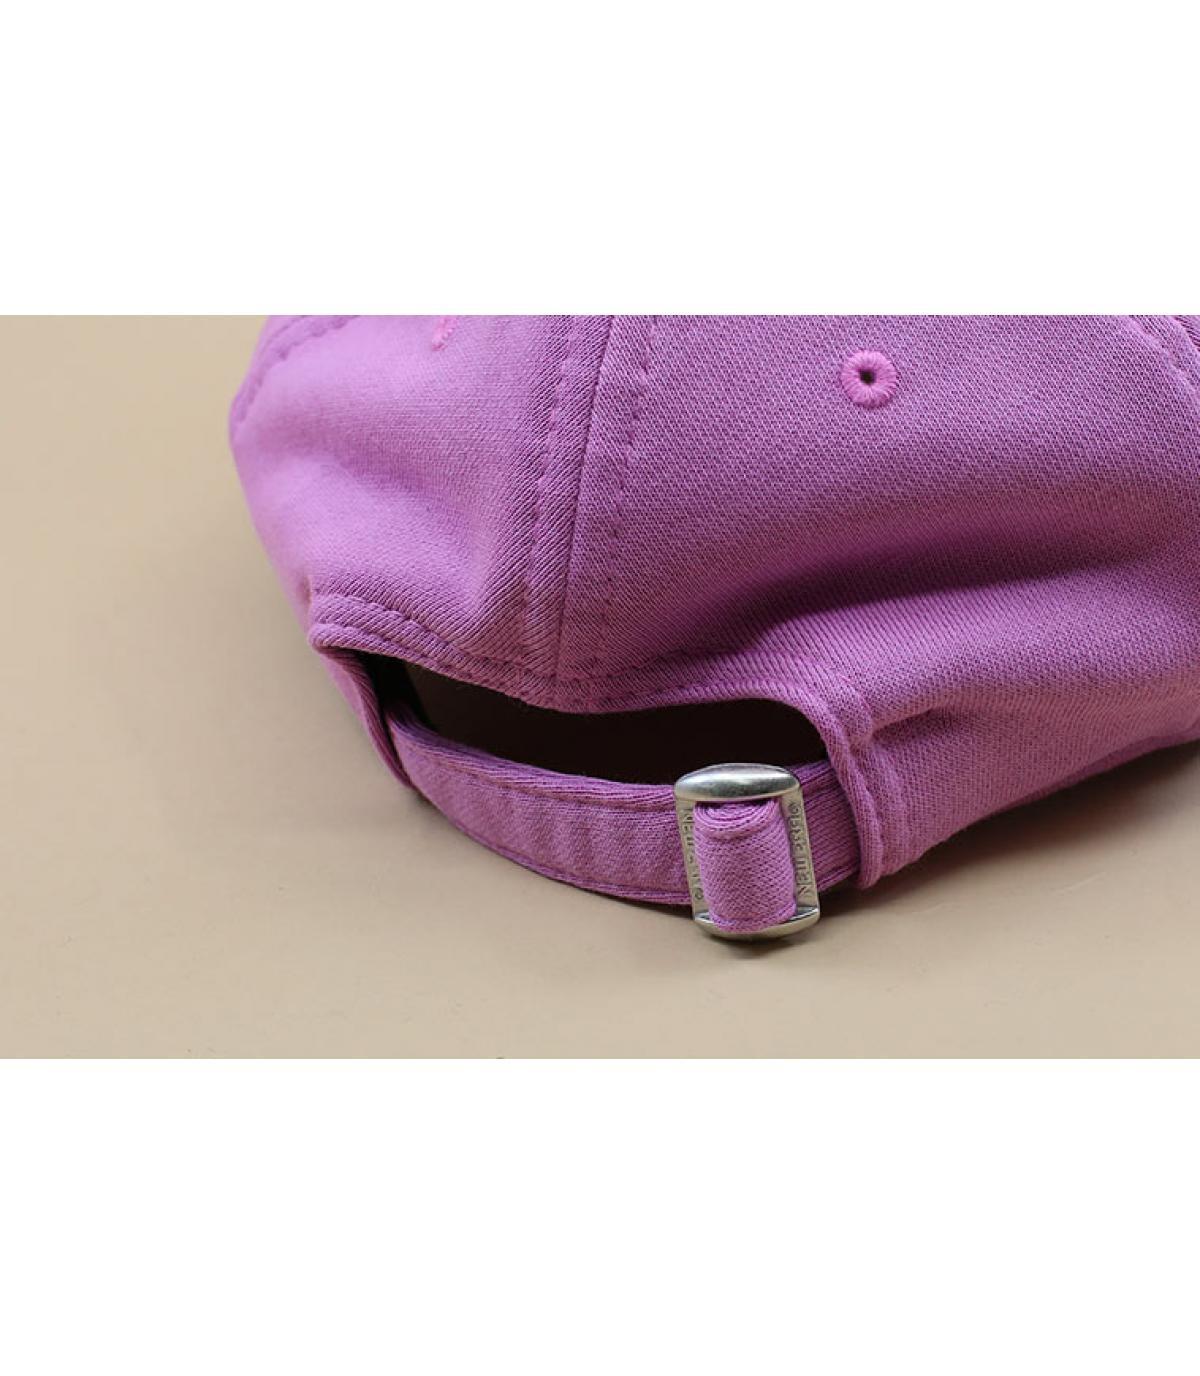 Détails Casquette Jersey Pack 940 LA pink - image 5